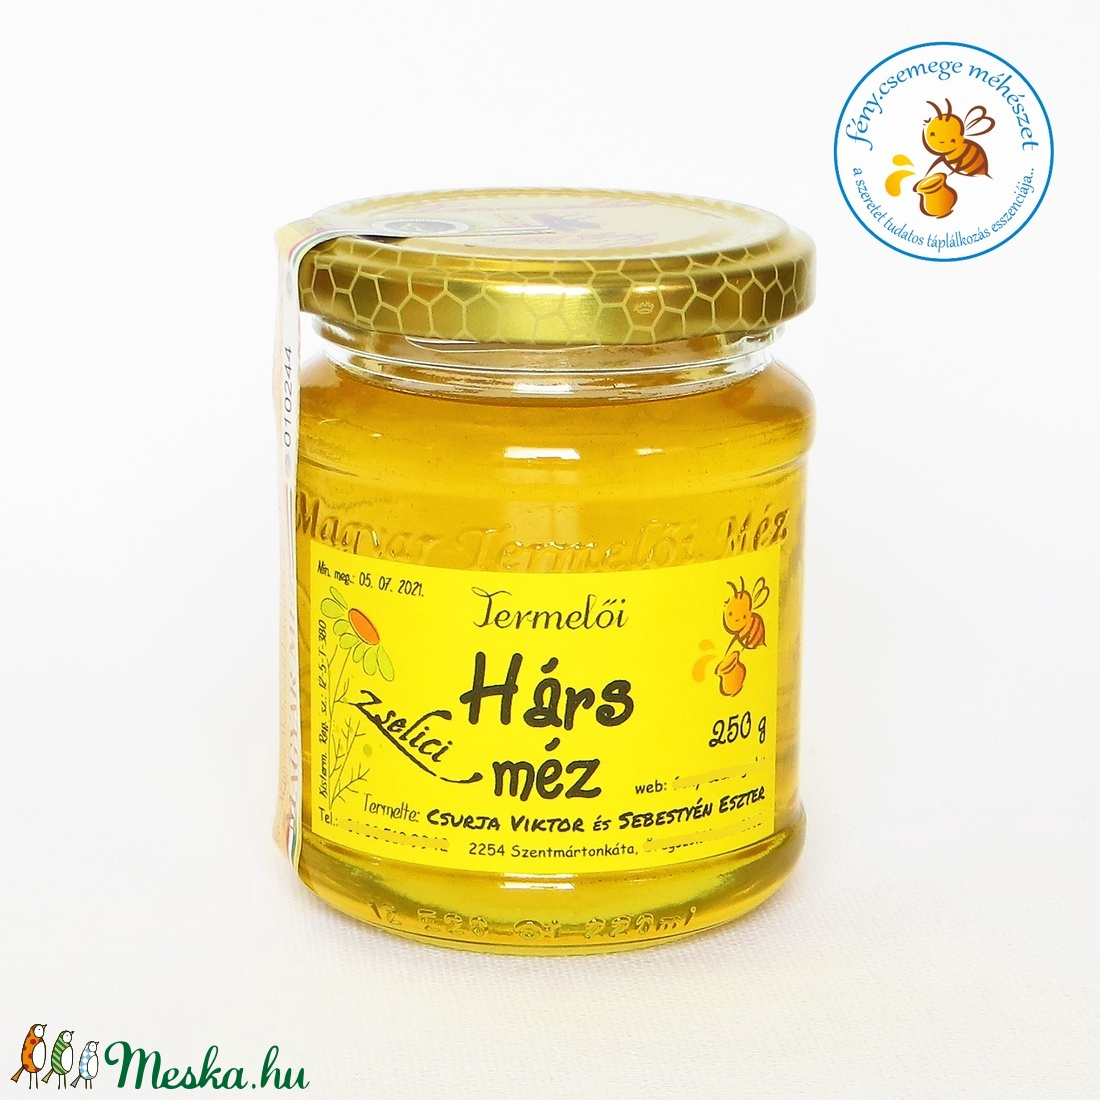 zselici hárs méz (fenycsemege) - Meska.hu